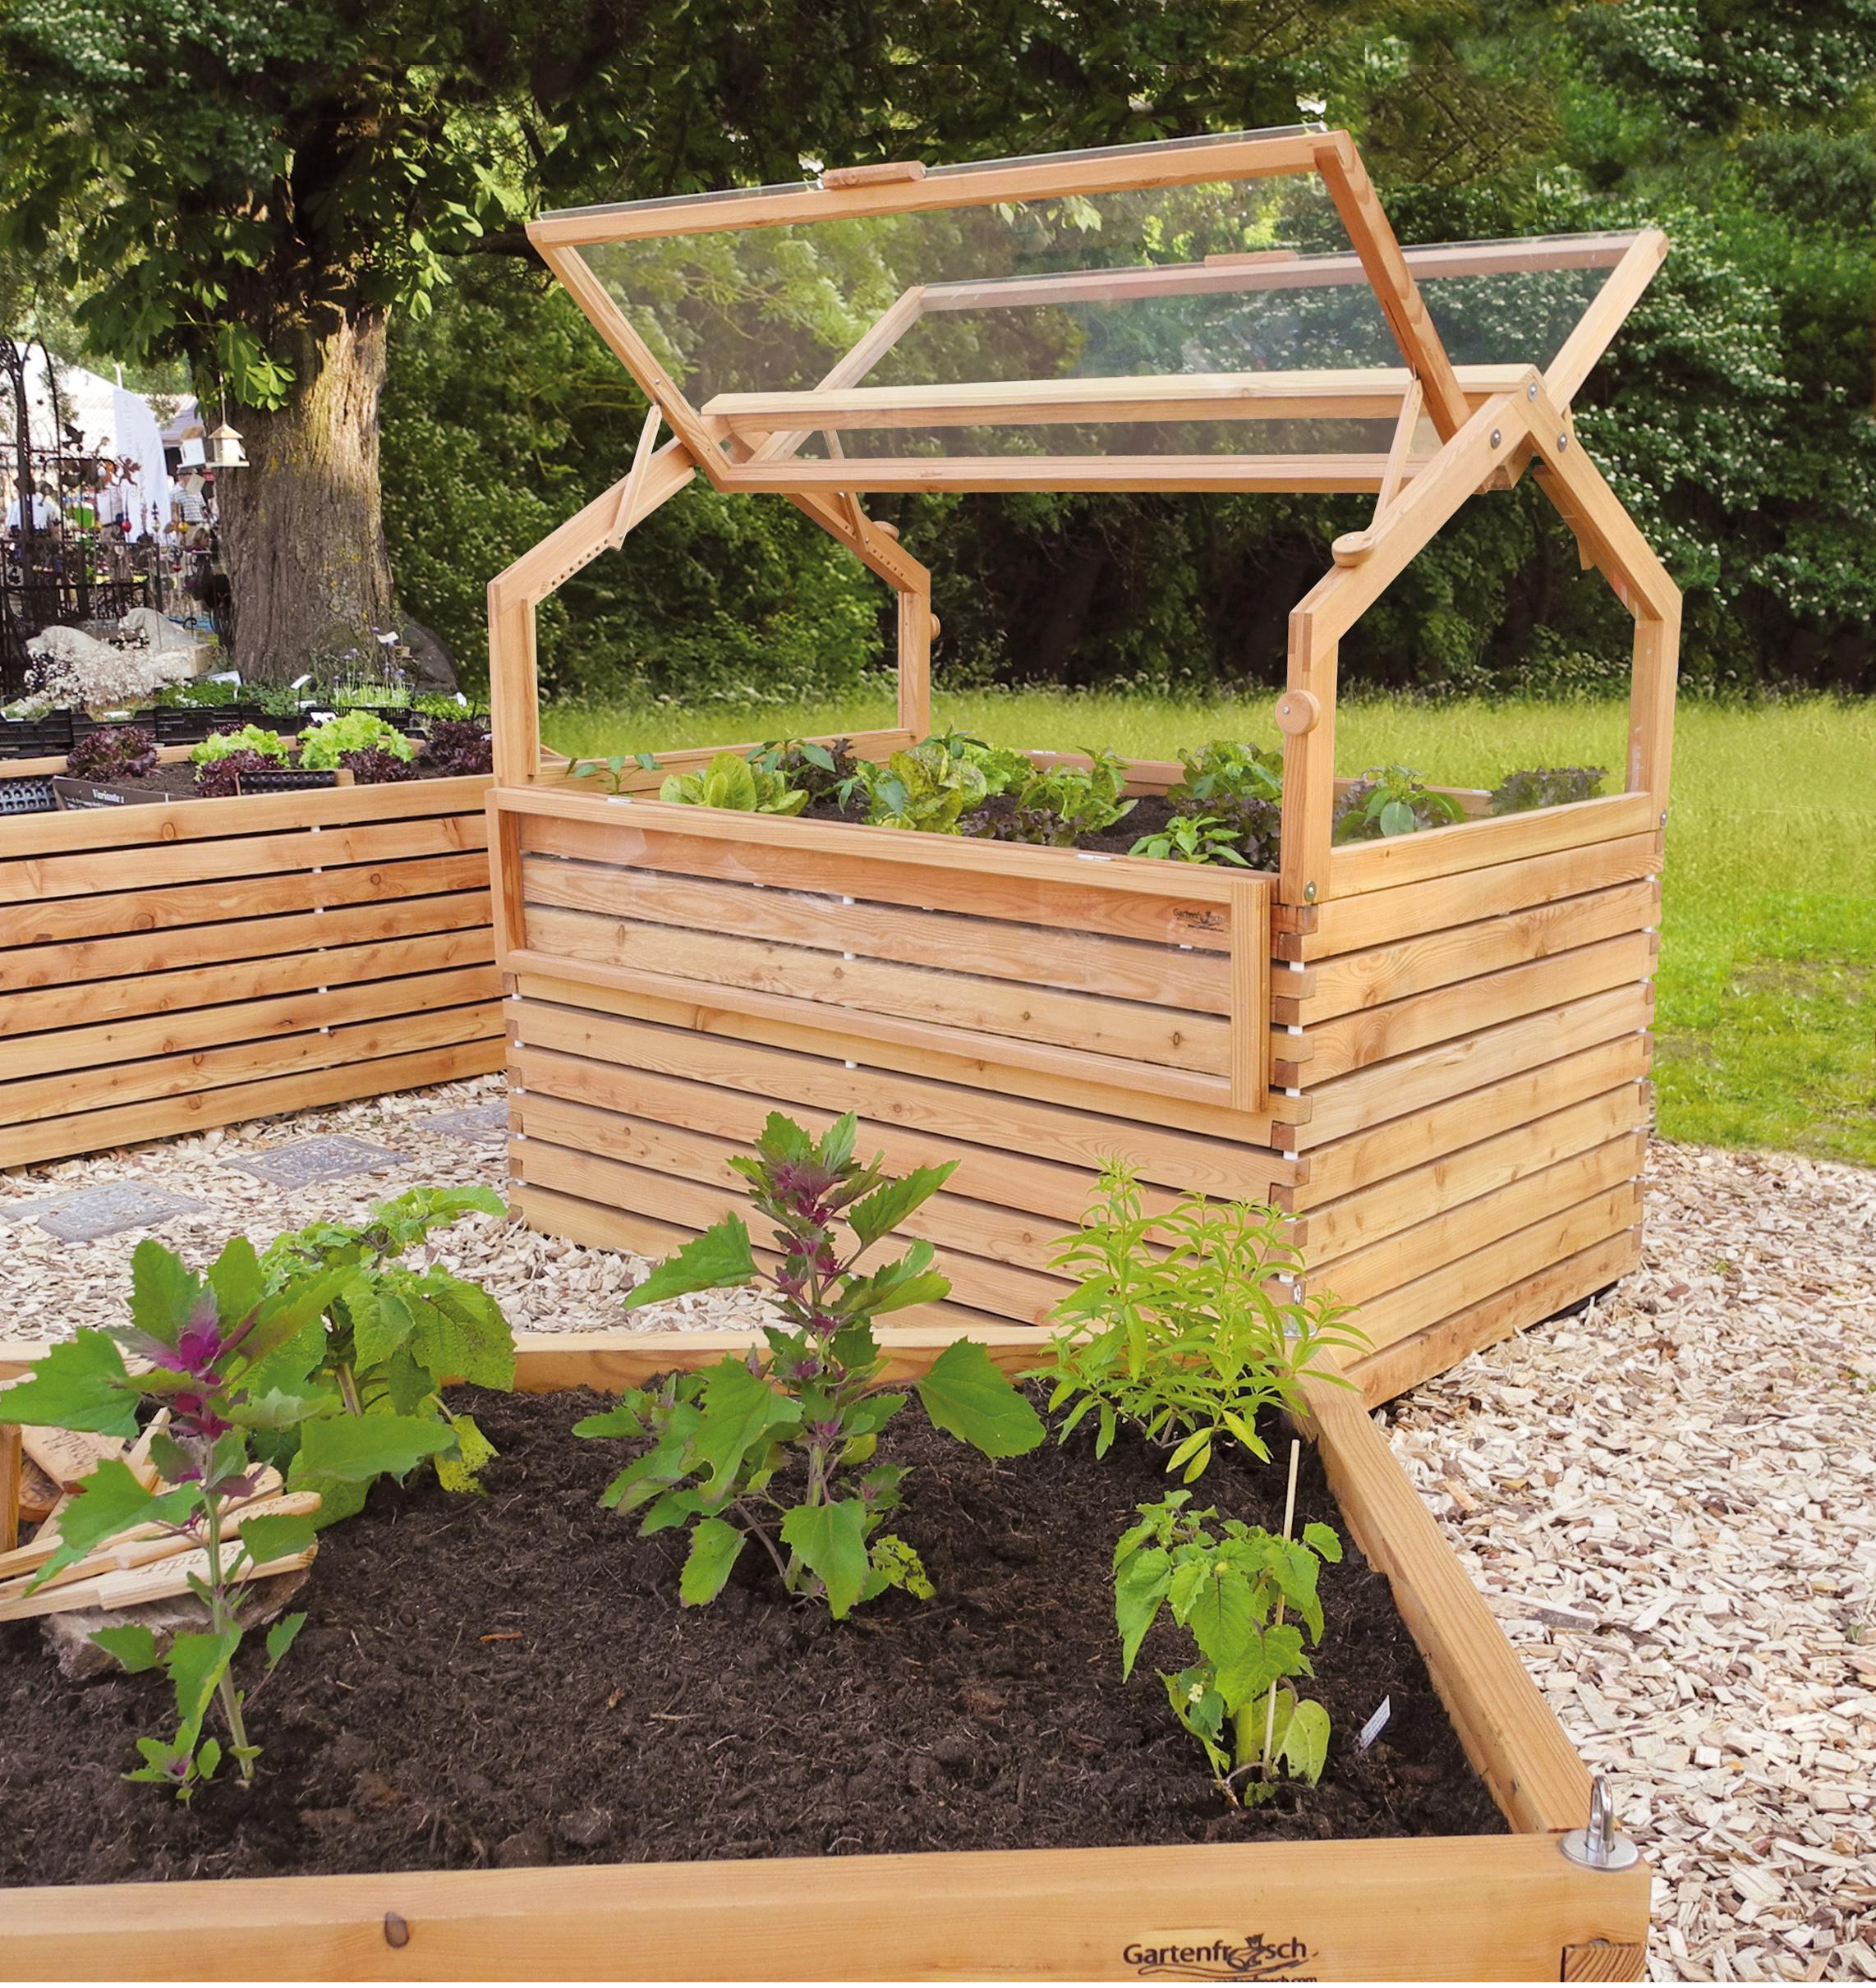 kräutergarten: garten, terrasse oder als beet | wohnen | homegate.ch, Gartengerate ideen